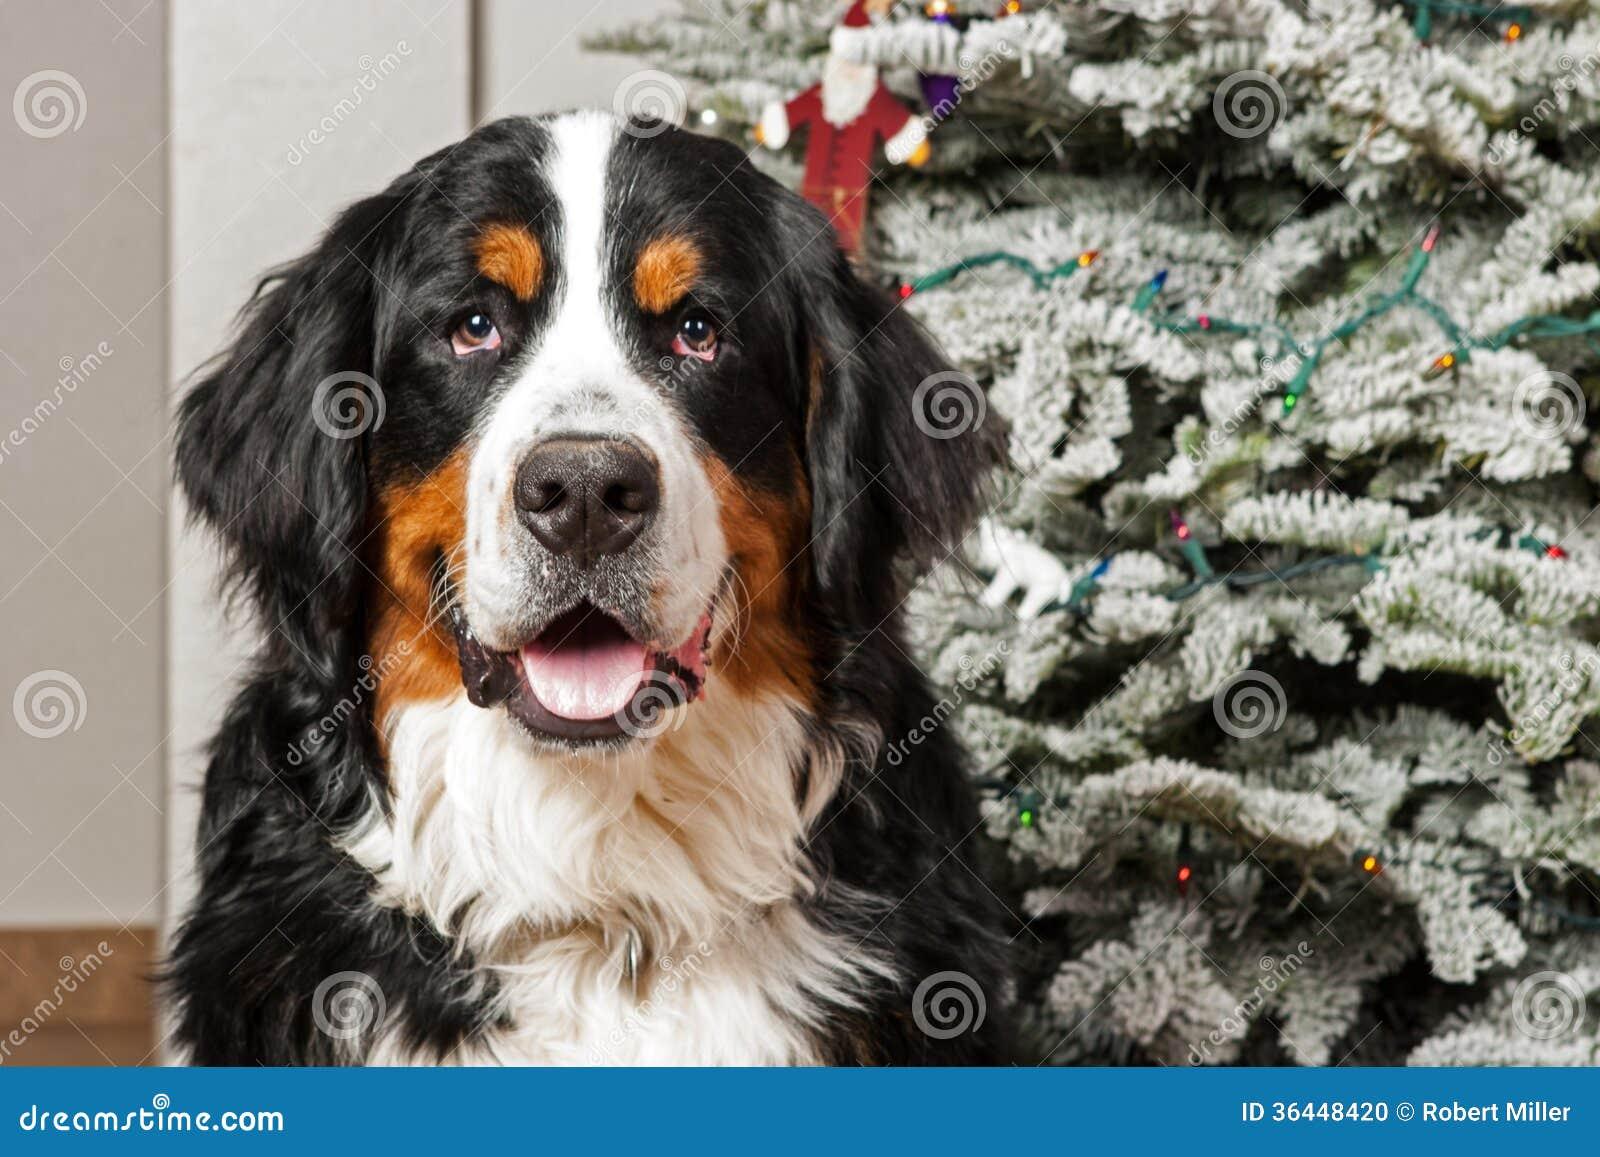 berner sennenhund am weihnachten stockfoto bild 36448420. Black Bedroom Furniture Sets. Home Design Ideas